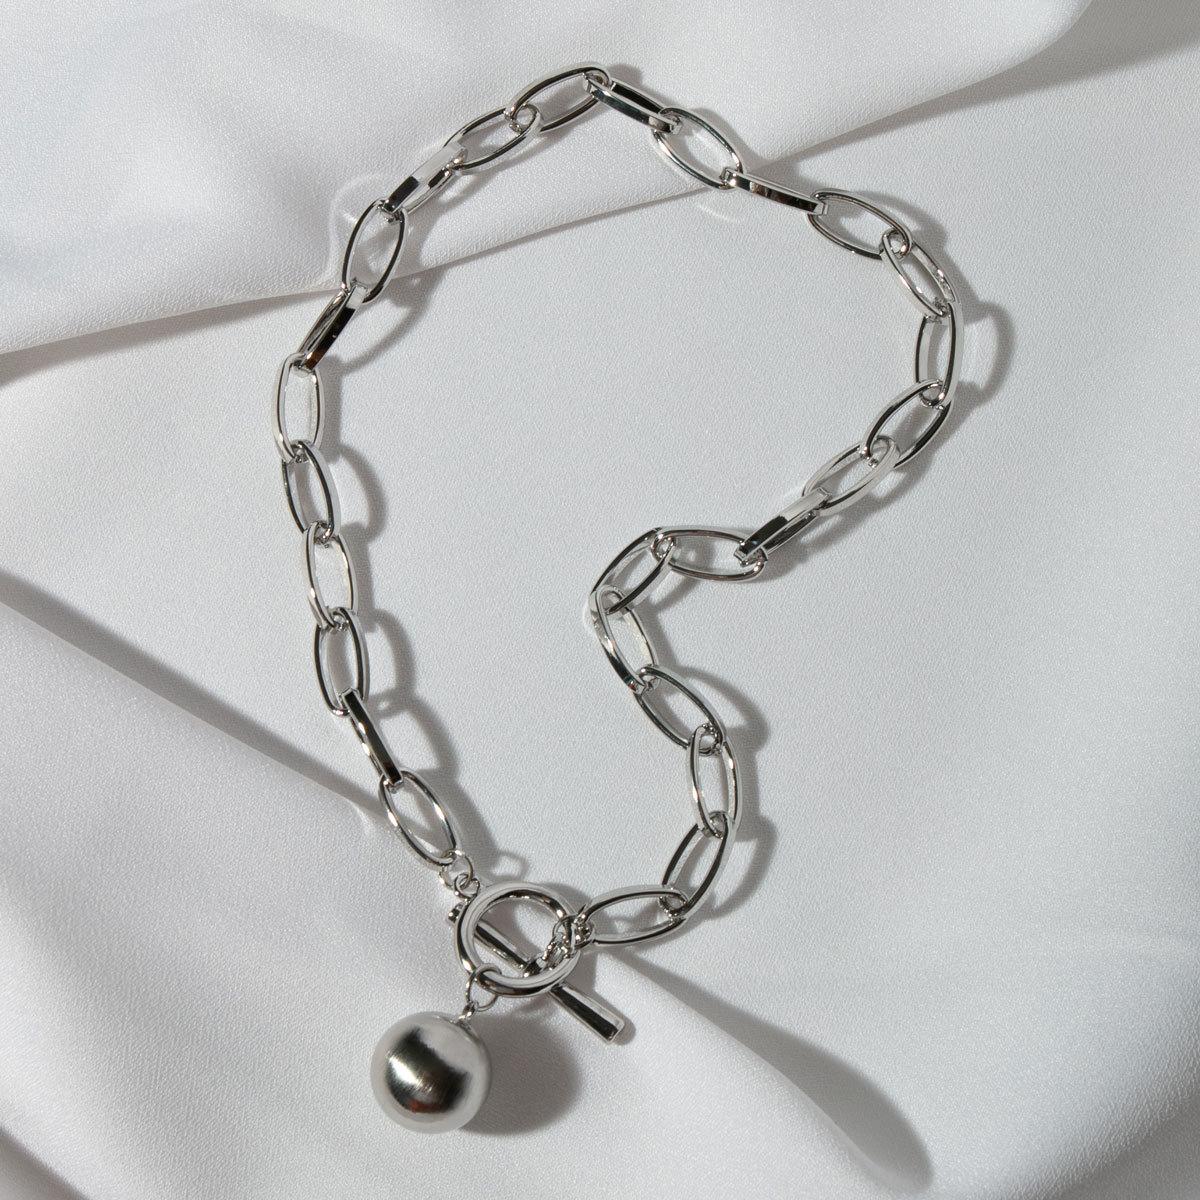 Колье-цепь с замком-тогл и подвеской-бусиной (серебряный)